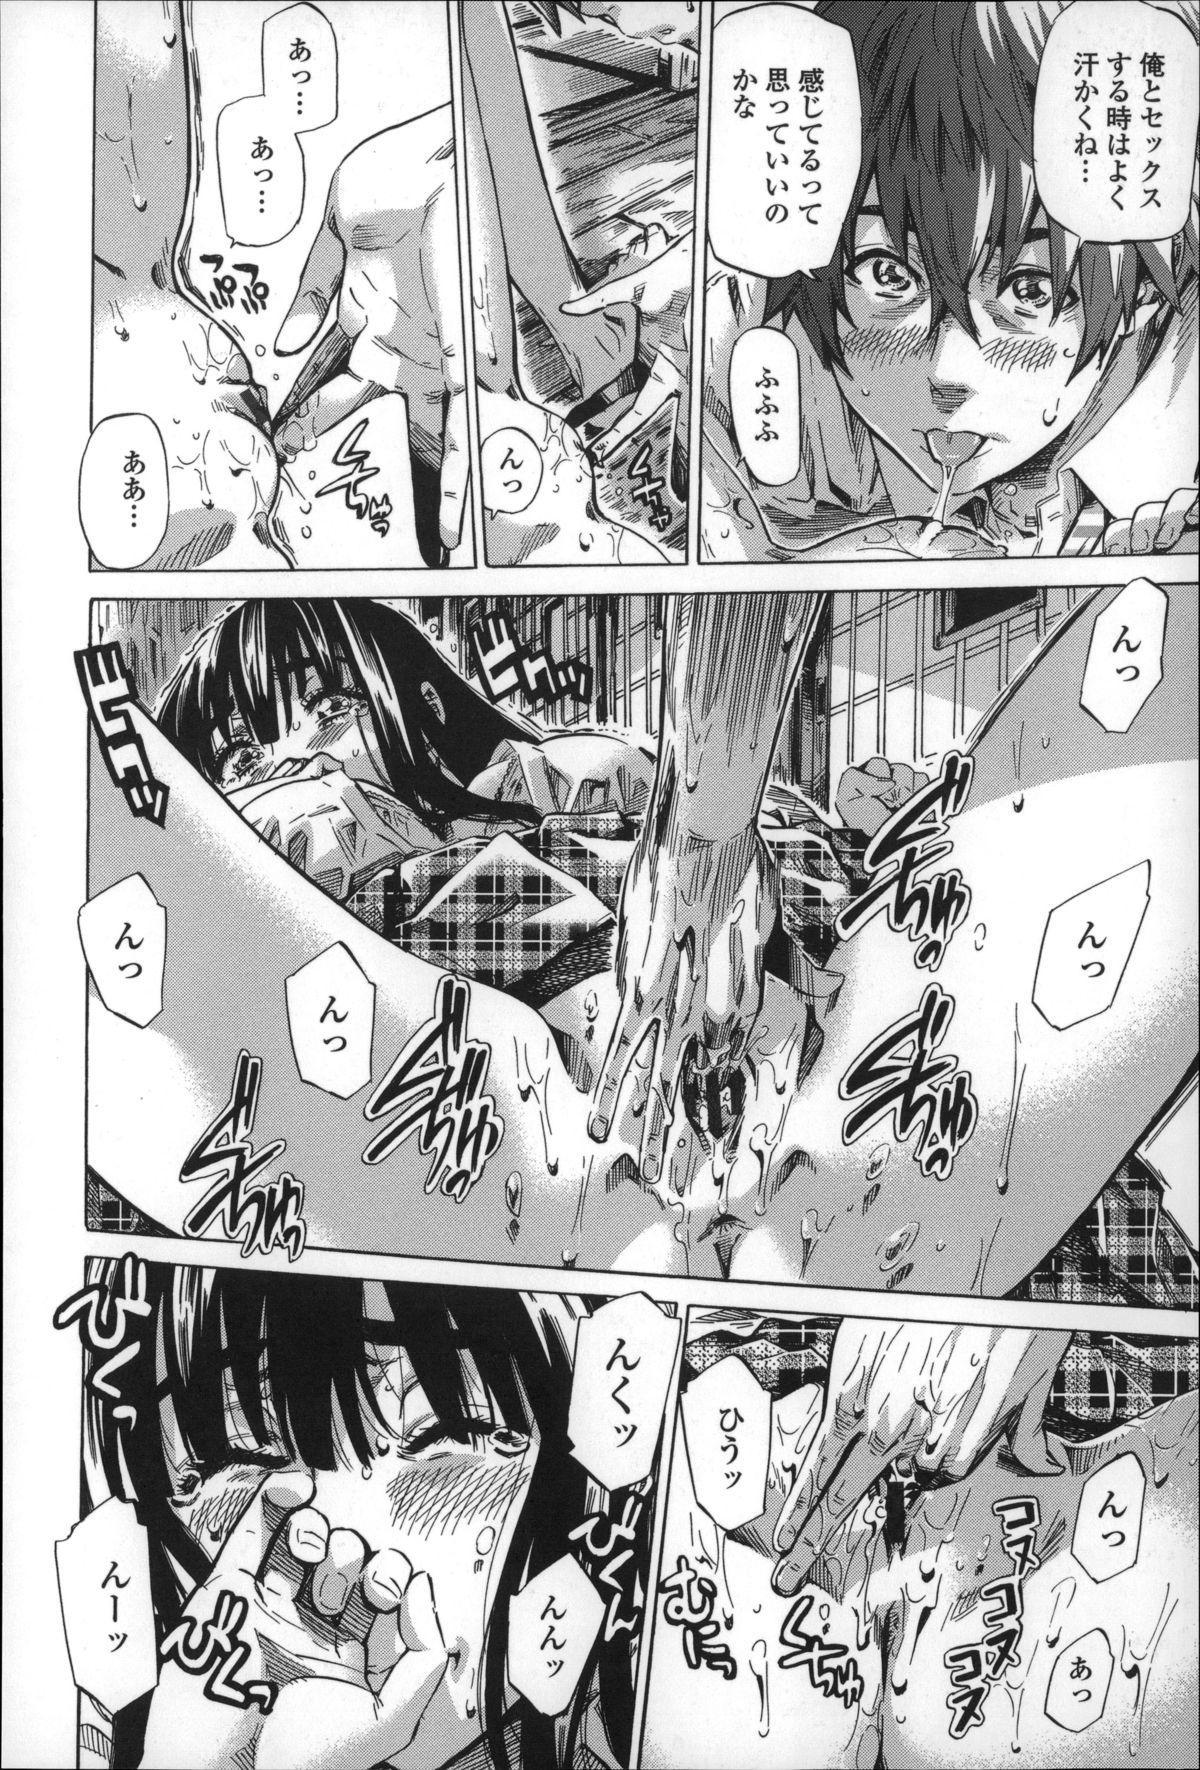 Choushin de Mukuchi no Kanojo ga Hatsujou Shite Kitara Eroiyo ne? 141